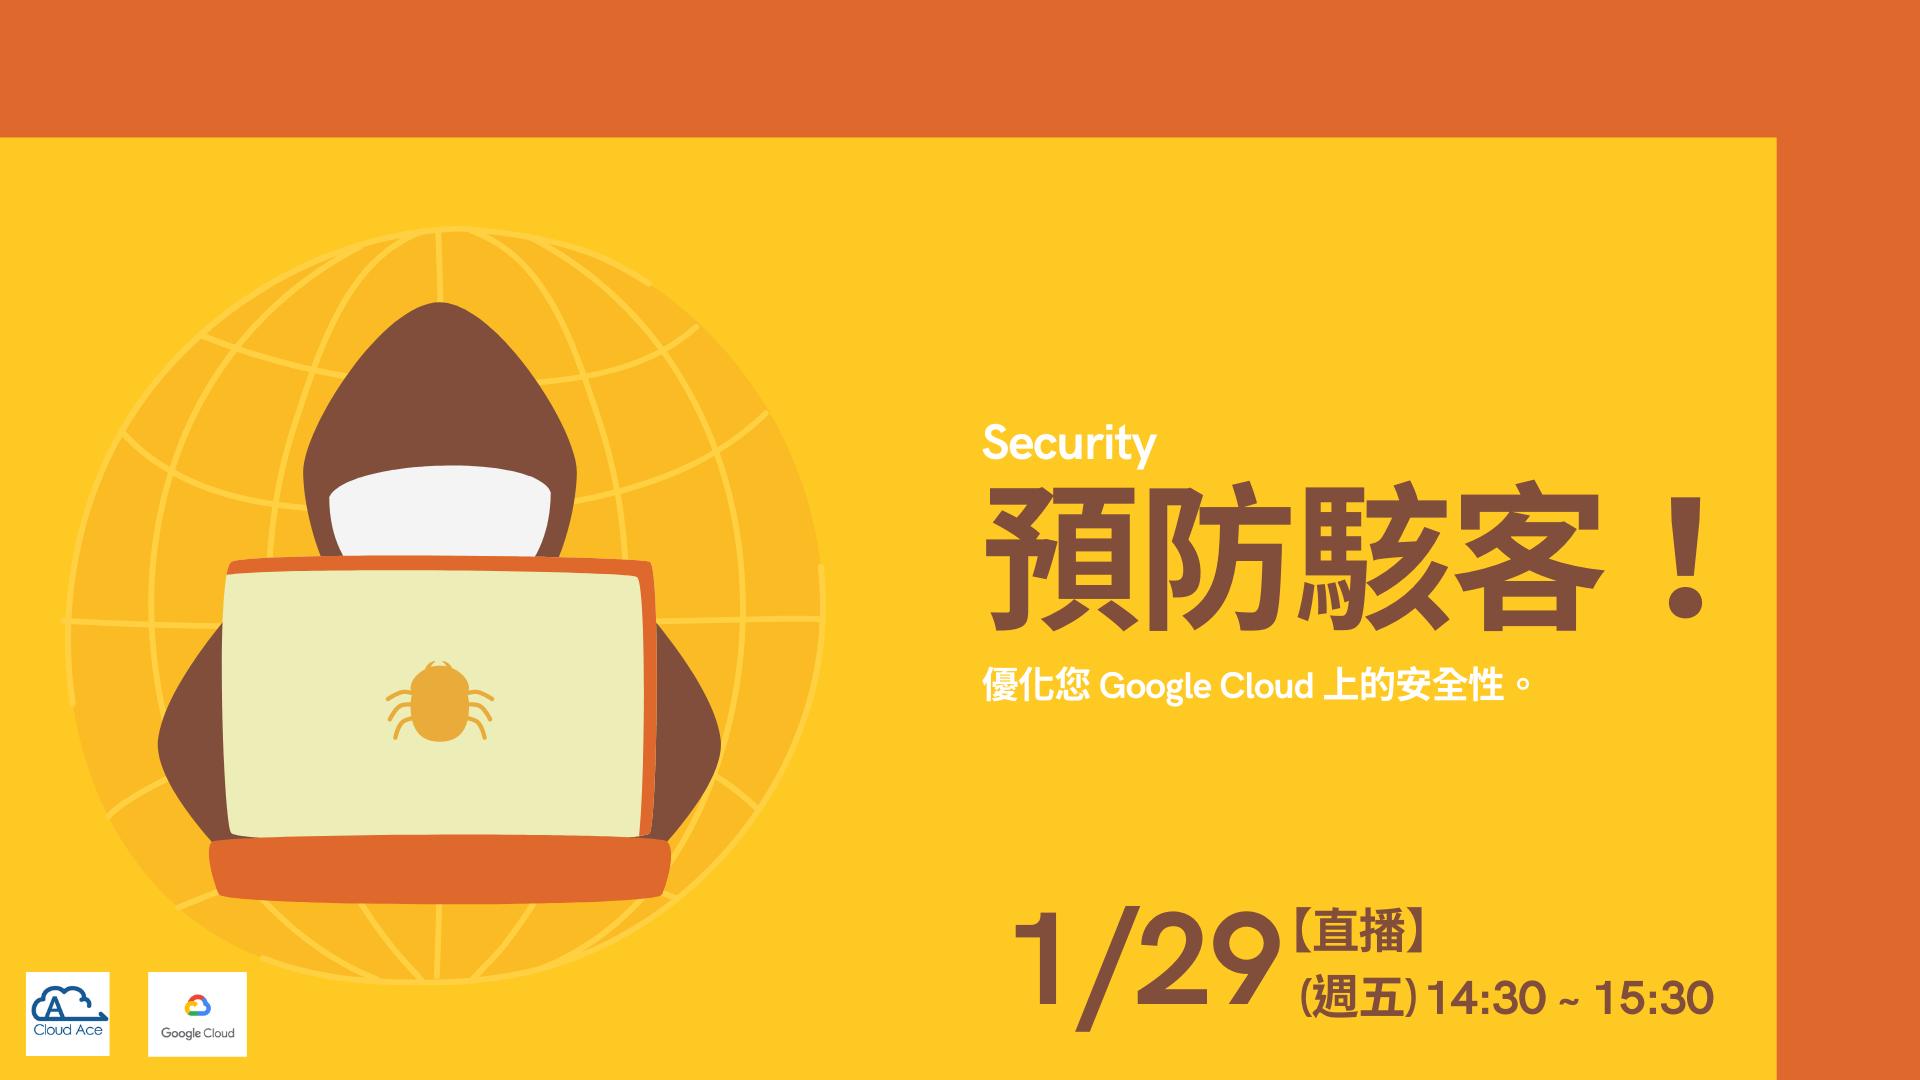 預防駭客!優化您 Google Cloud 上的安全性|Google Cloud Security Overview